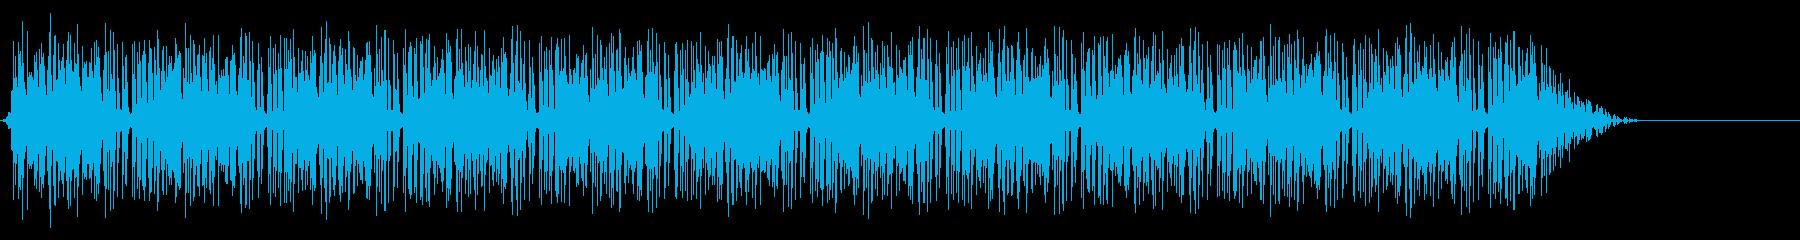 パチンコ リーチ音(ノーマル)レトロ 2の再生済みの波形